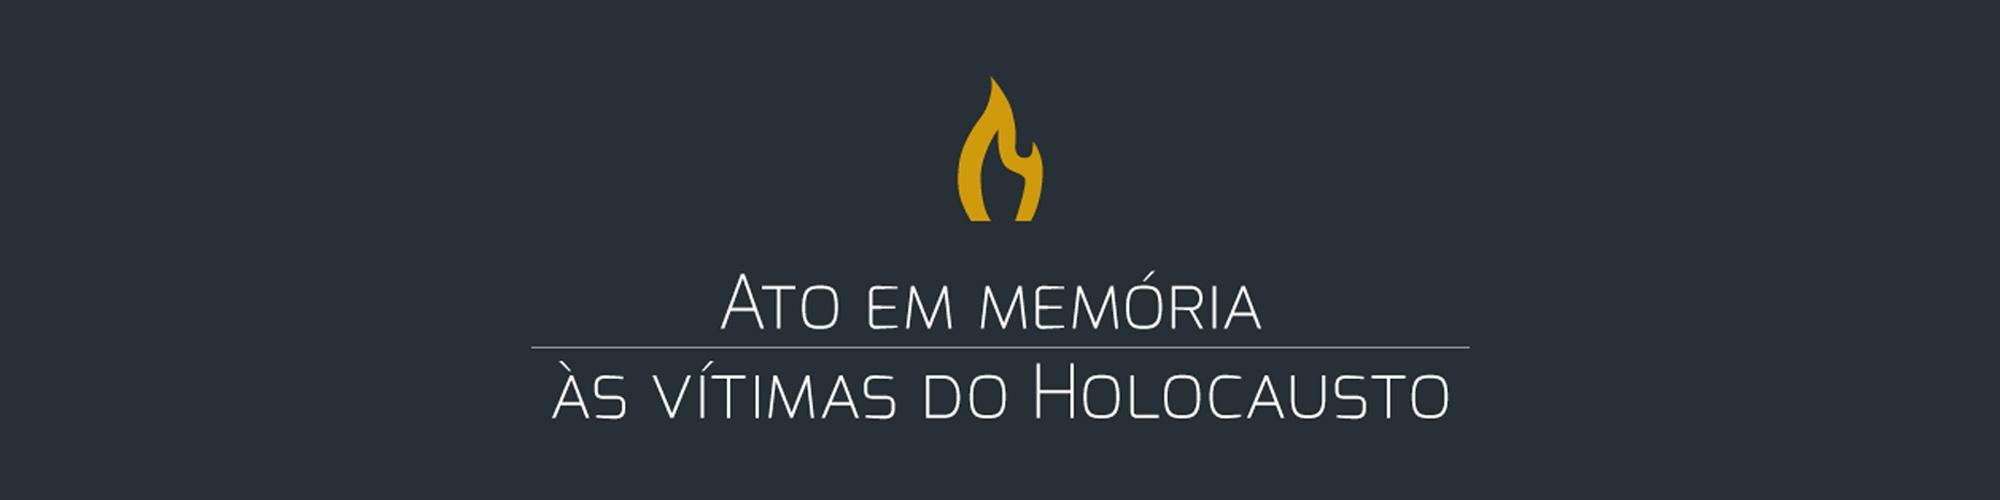 Ato em memória às vítimas do Holocausto tem participação de Leandro Karnal